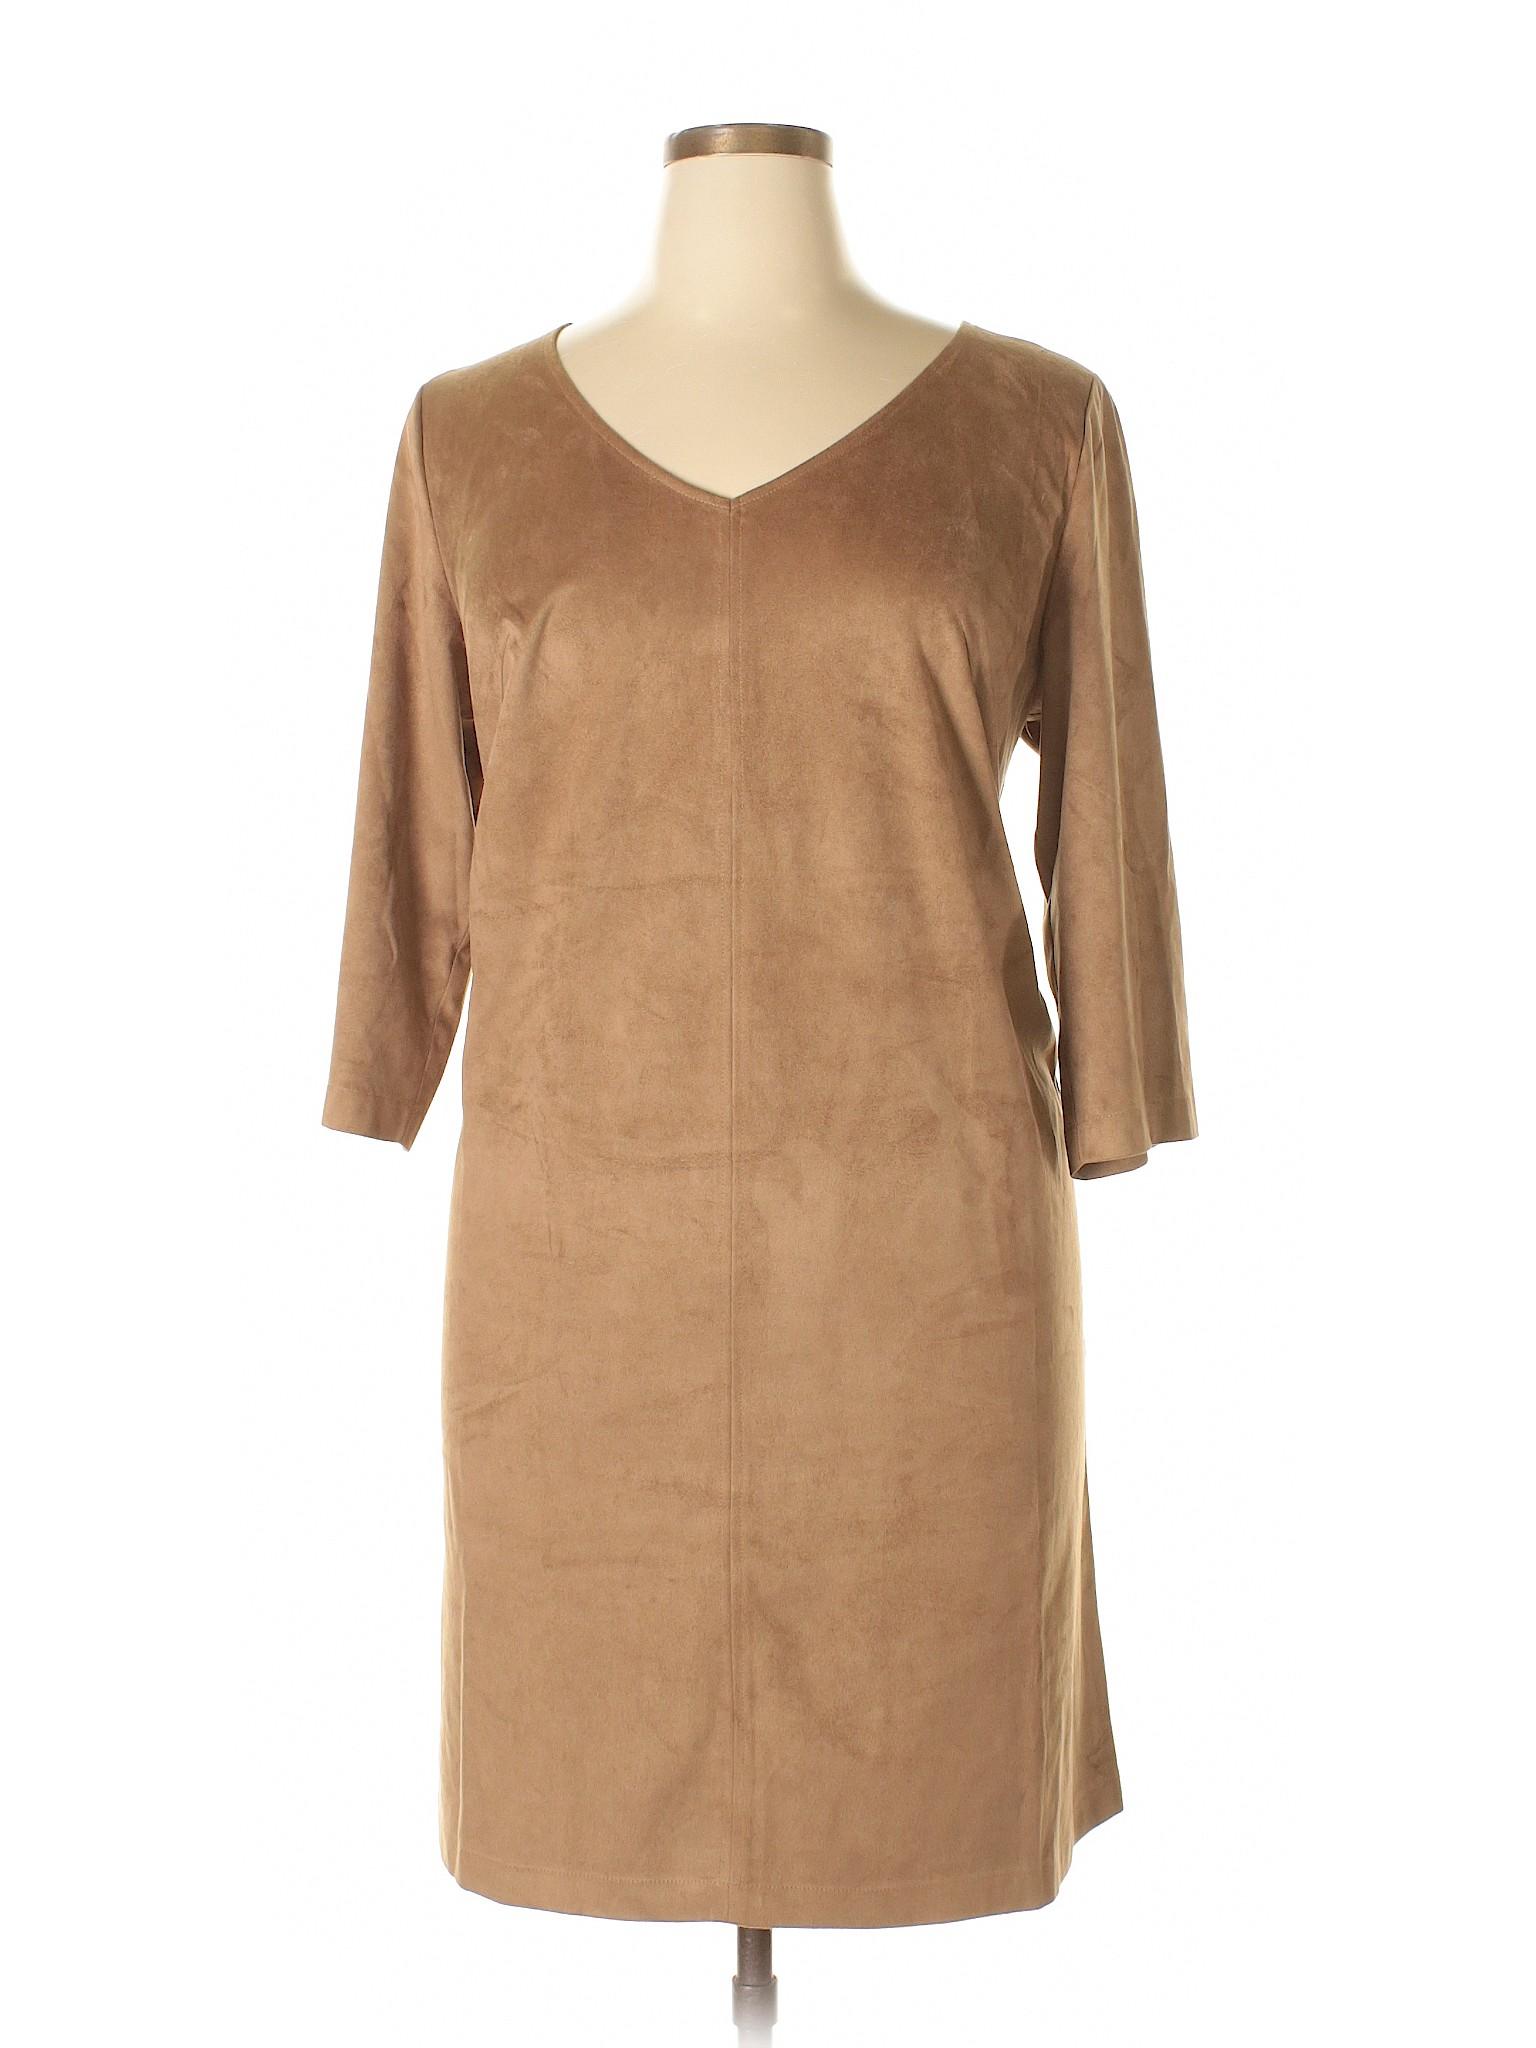 Boutique winter Boutique winter ELOQUII Dress Dress Casual ELOQUII Casual Boutique winter ELOQUII S08qp